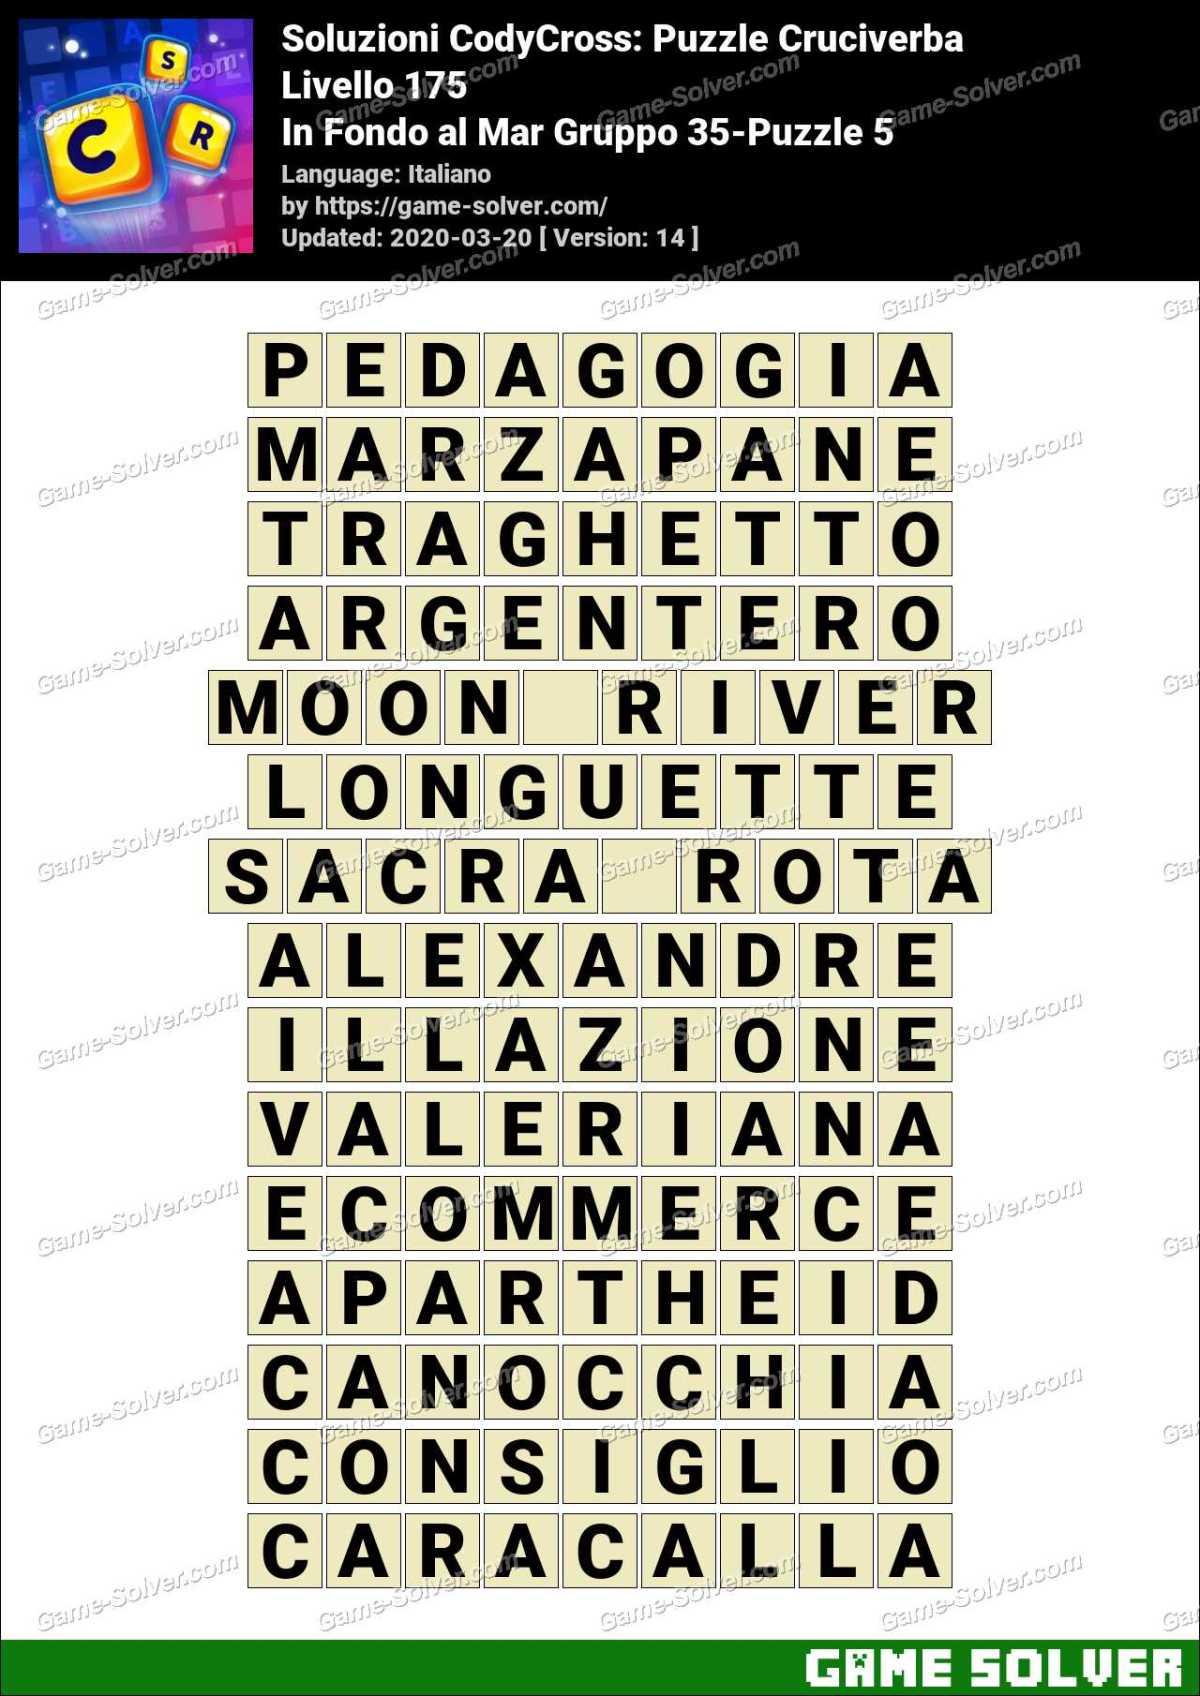 Soluzioni CodyCross In Fondo al Mar Gruppo 35-Puzzle 5